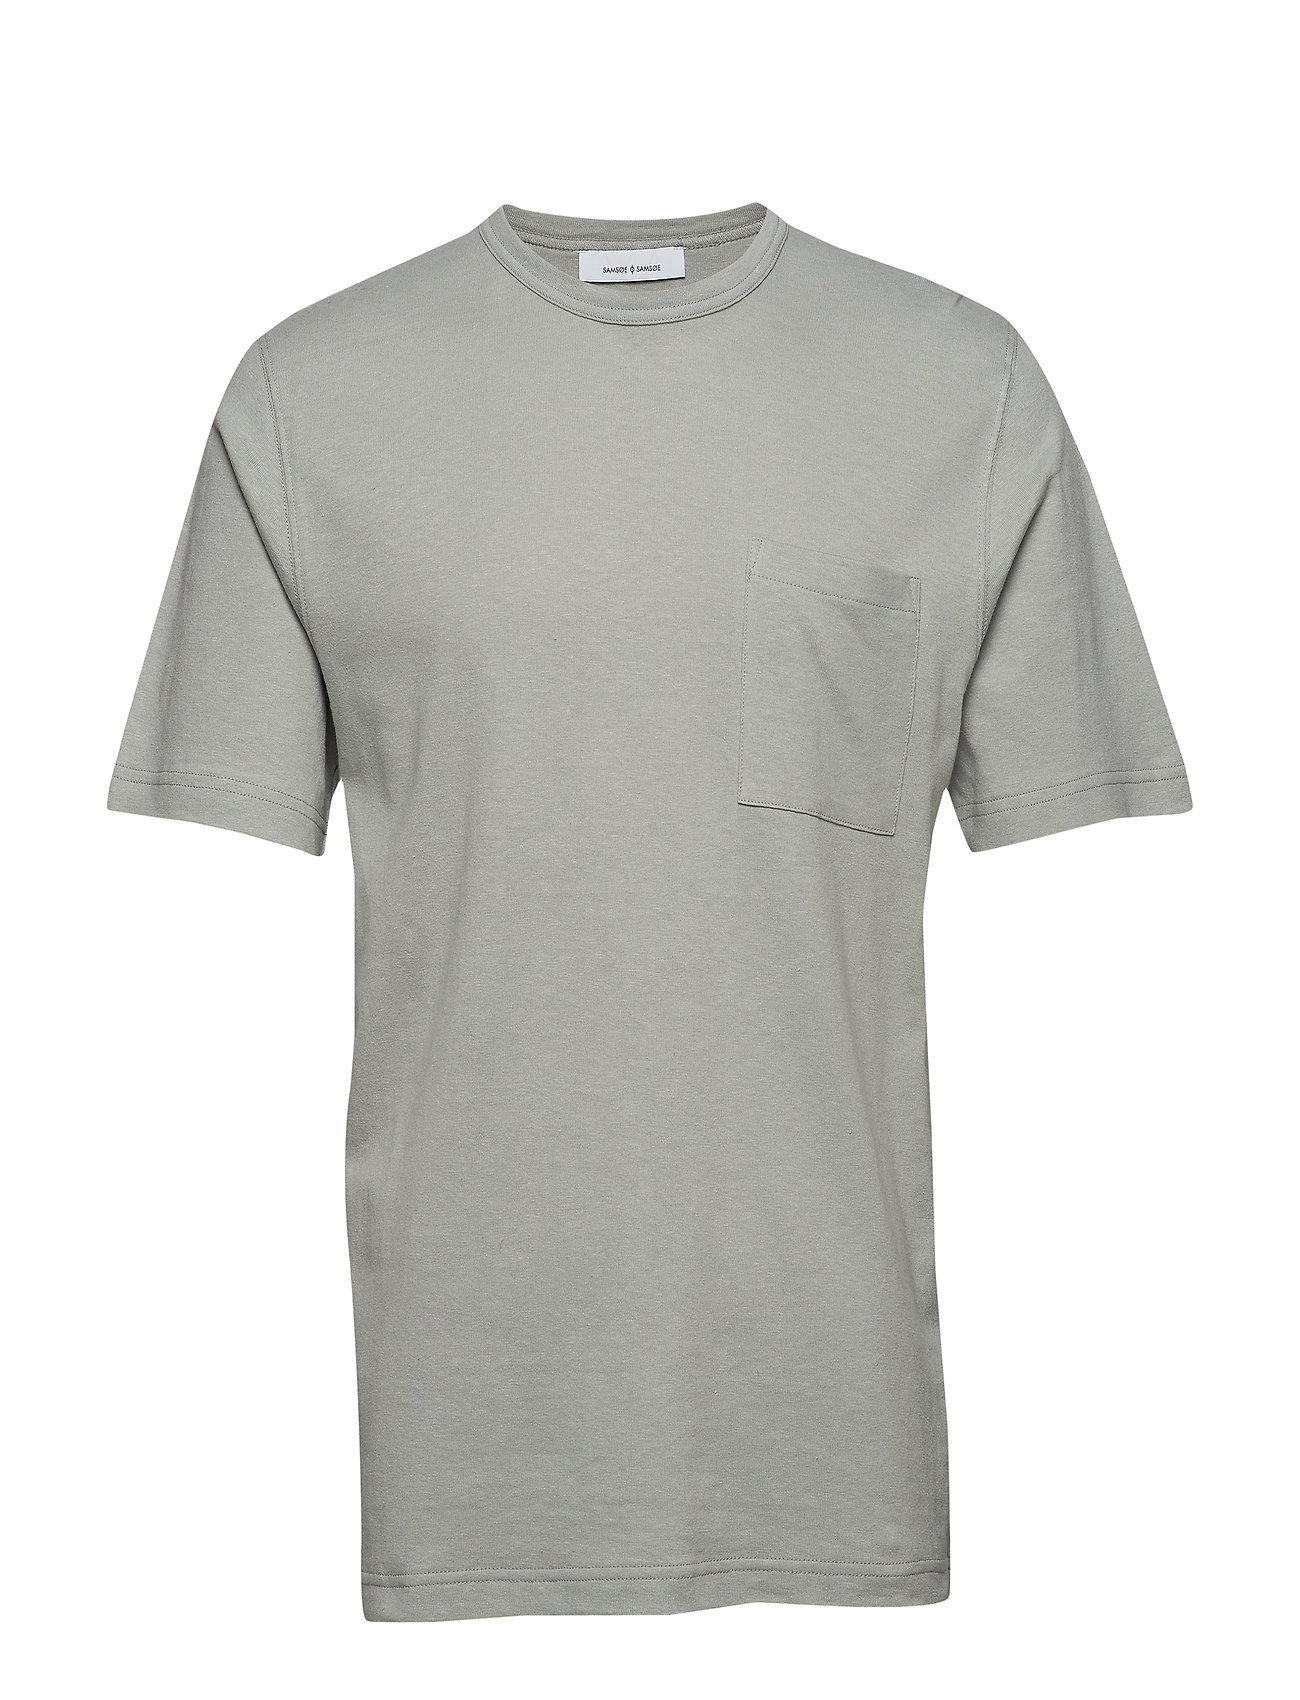 Samsøe & Samsøe Bredebro t-shirt 9662 - BELGIAN BLOCK